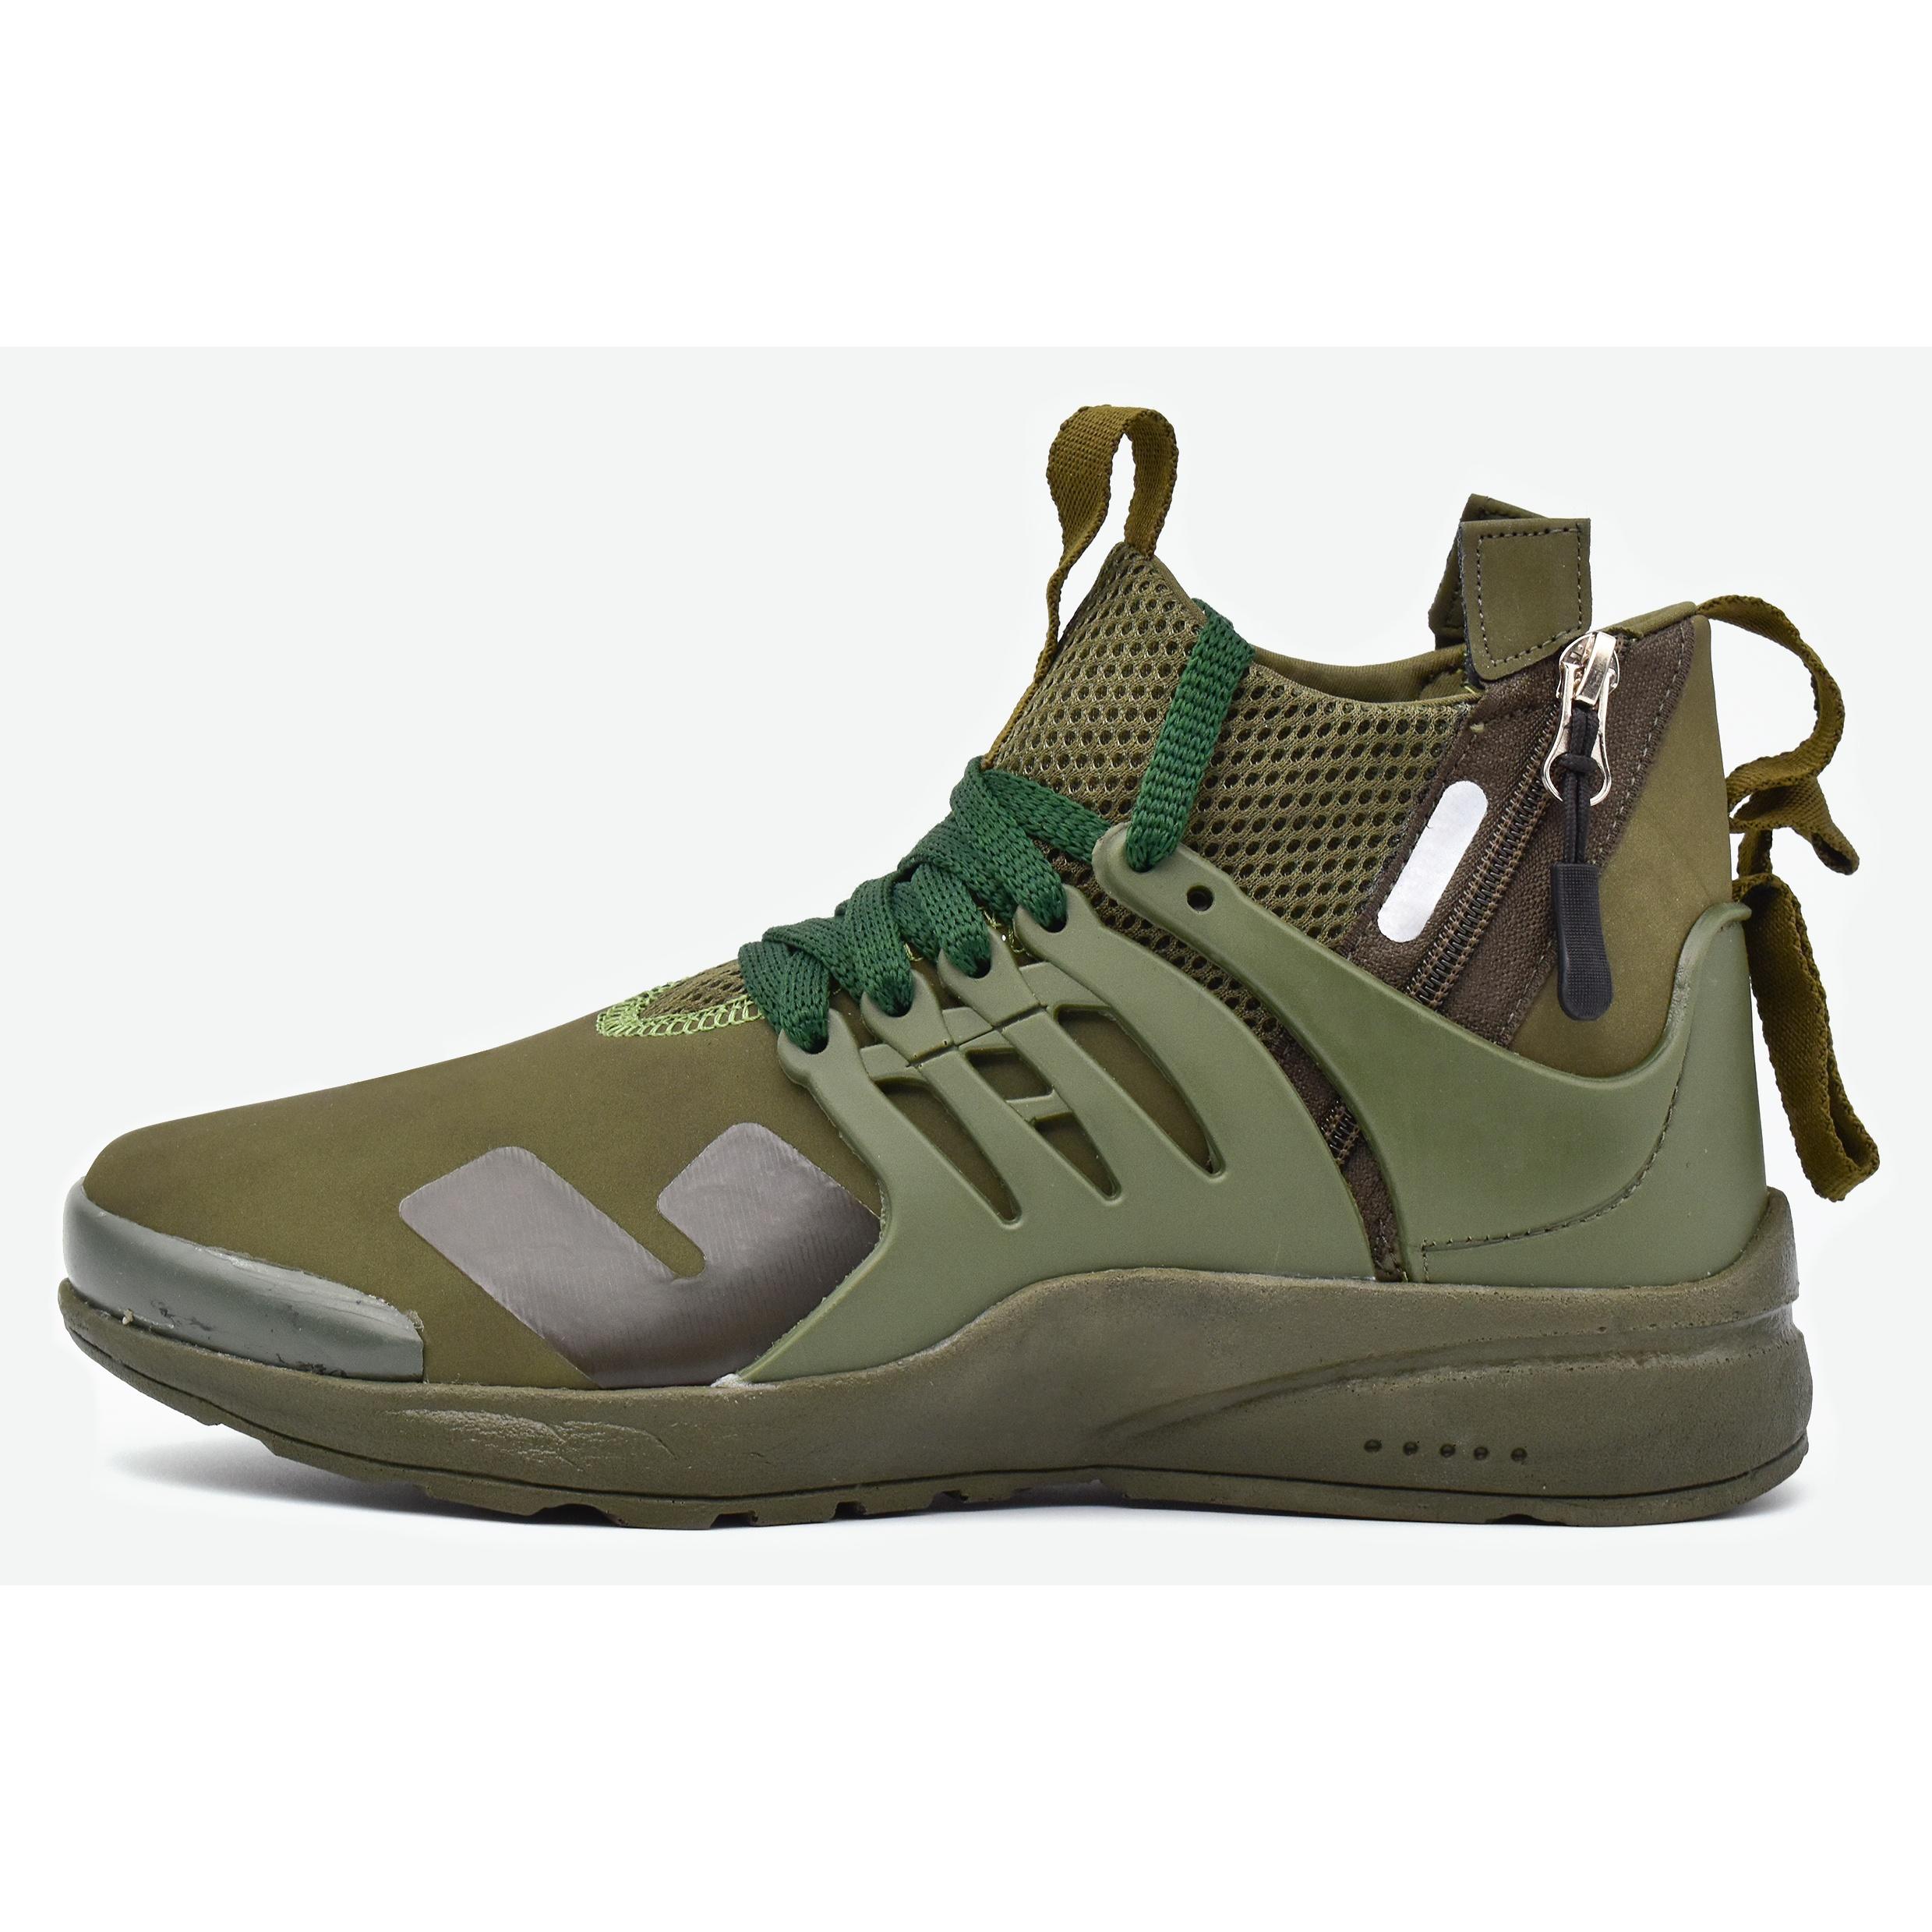 کفش مخصوص پیاده روی مردانه مدل اکسلنت کد 5594